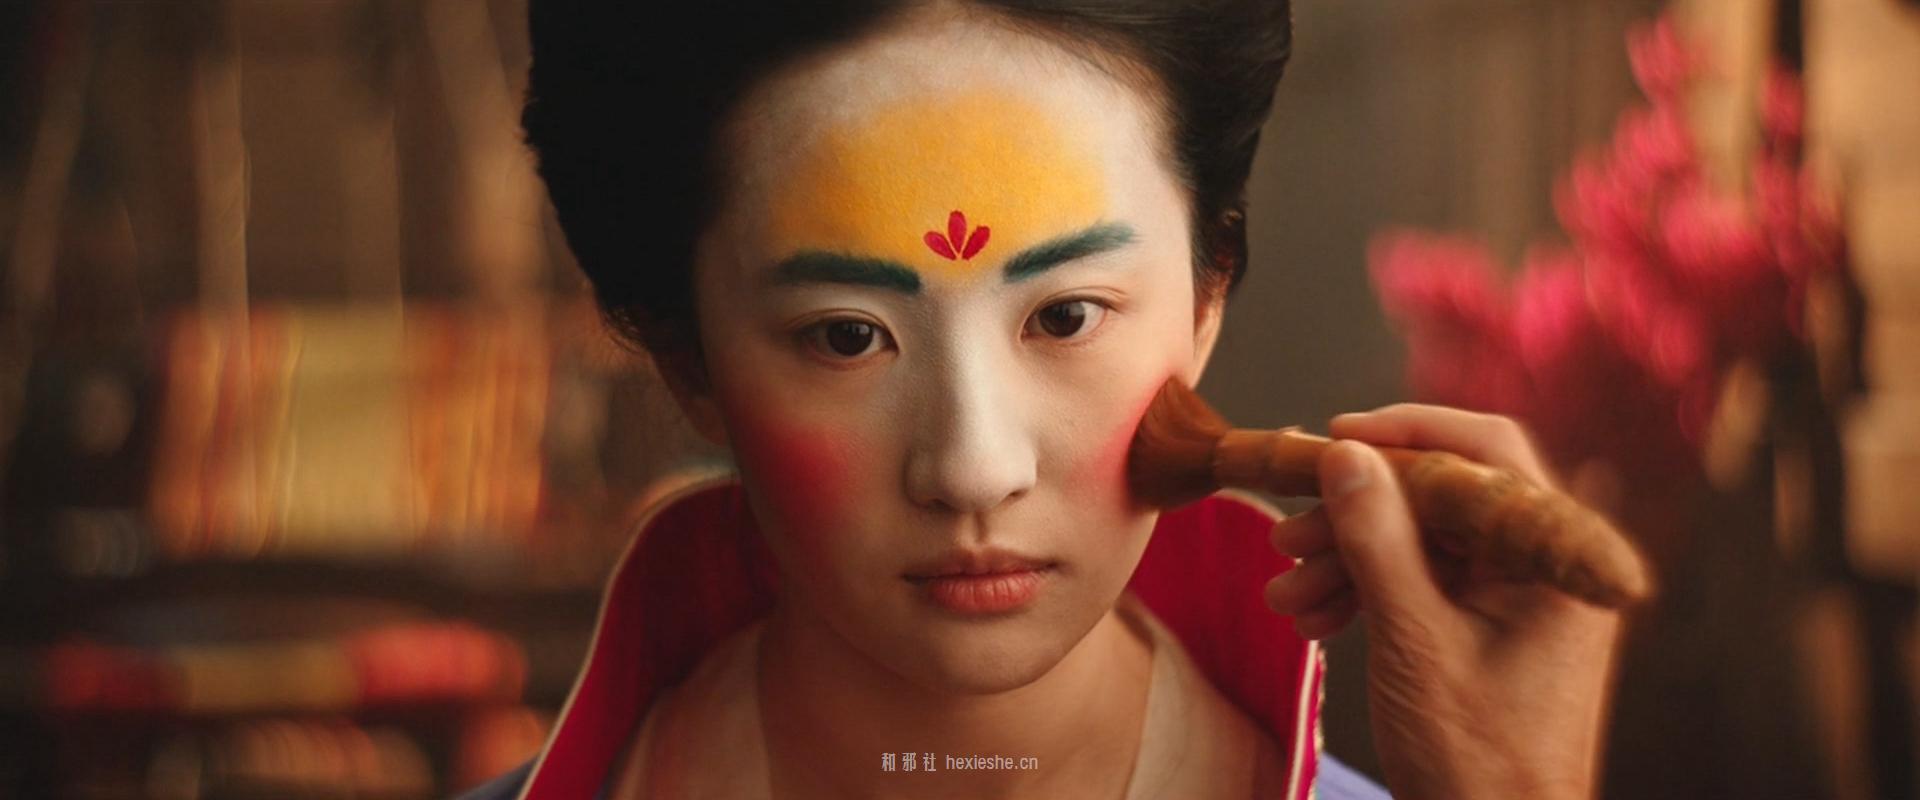 刘亦菲版《花木兰》_和邪社5